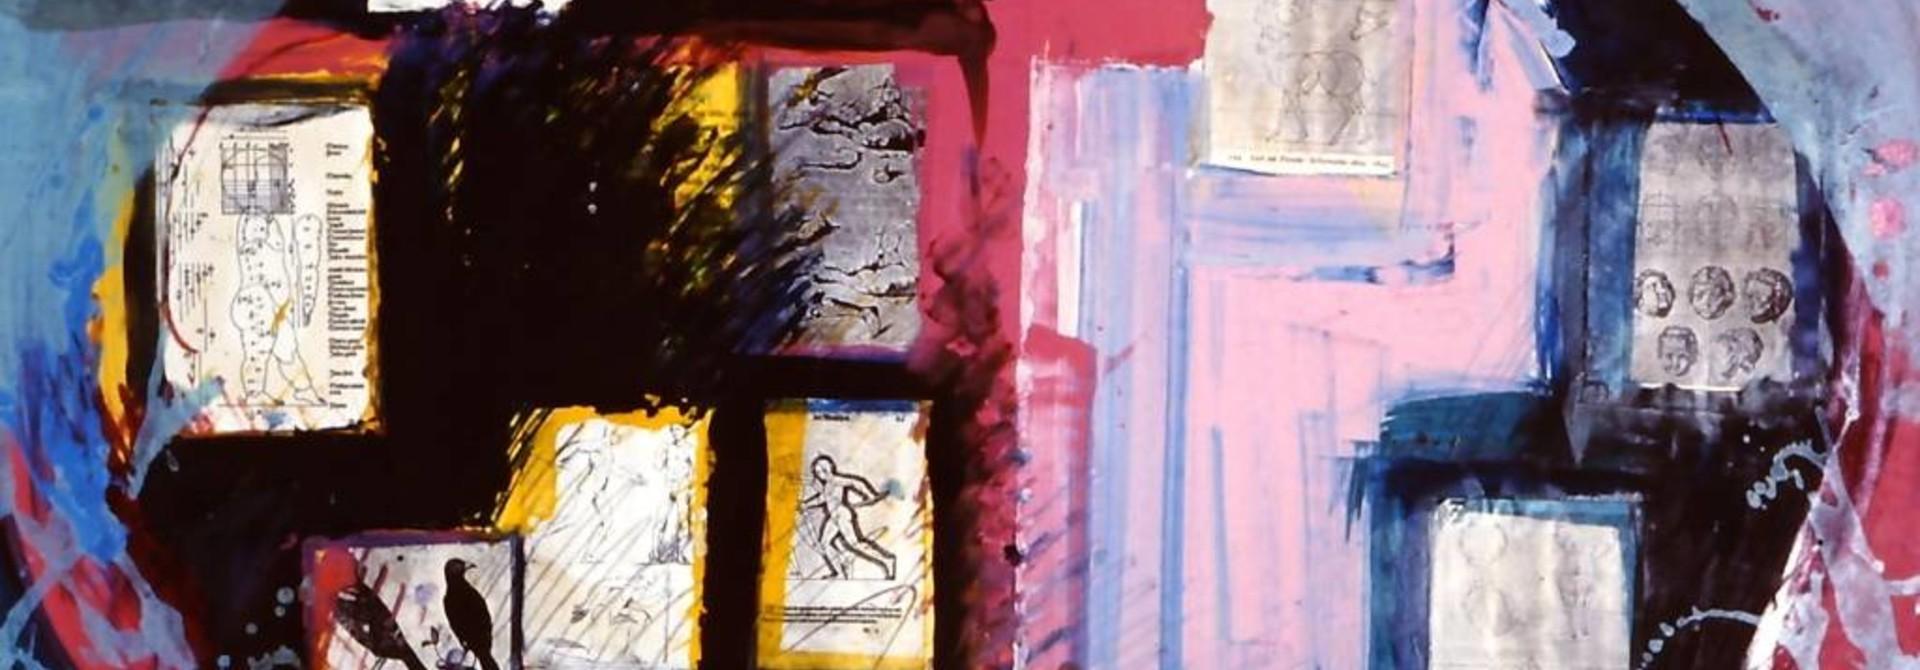 Art & Illusion III